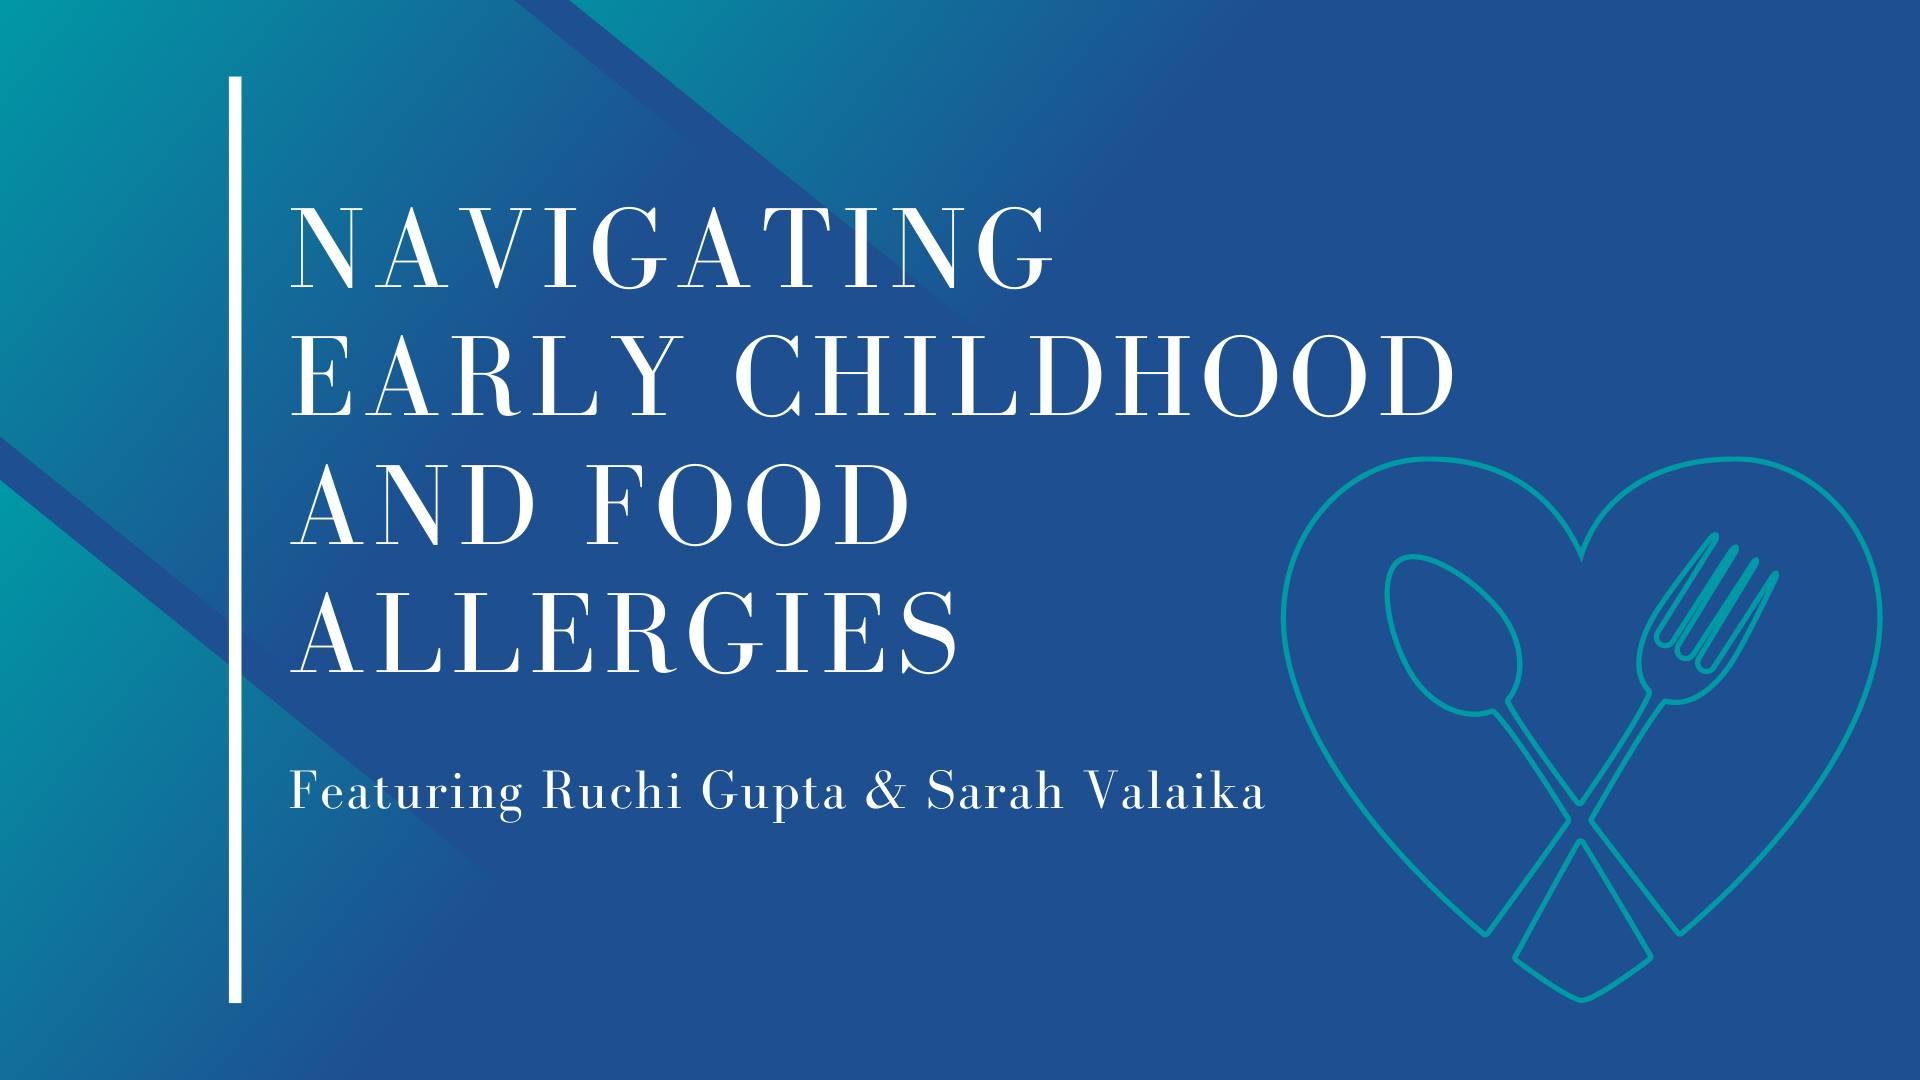 Navigating Early Childhood Food Allergies Webinar